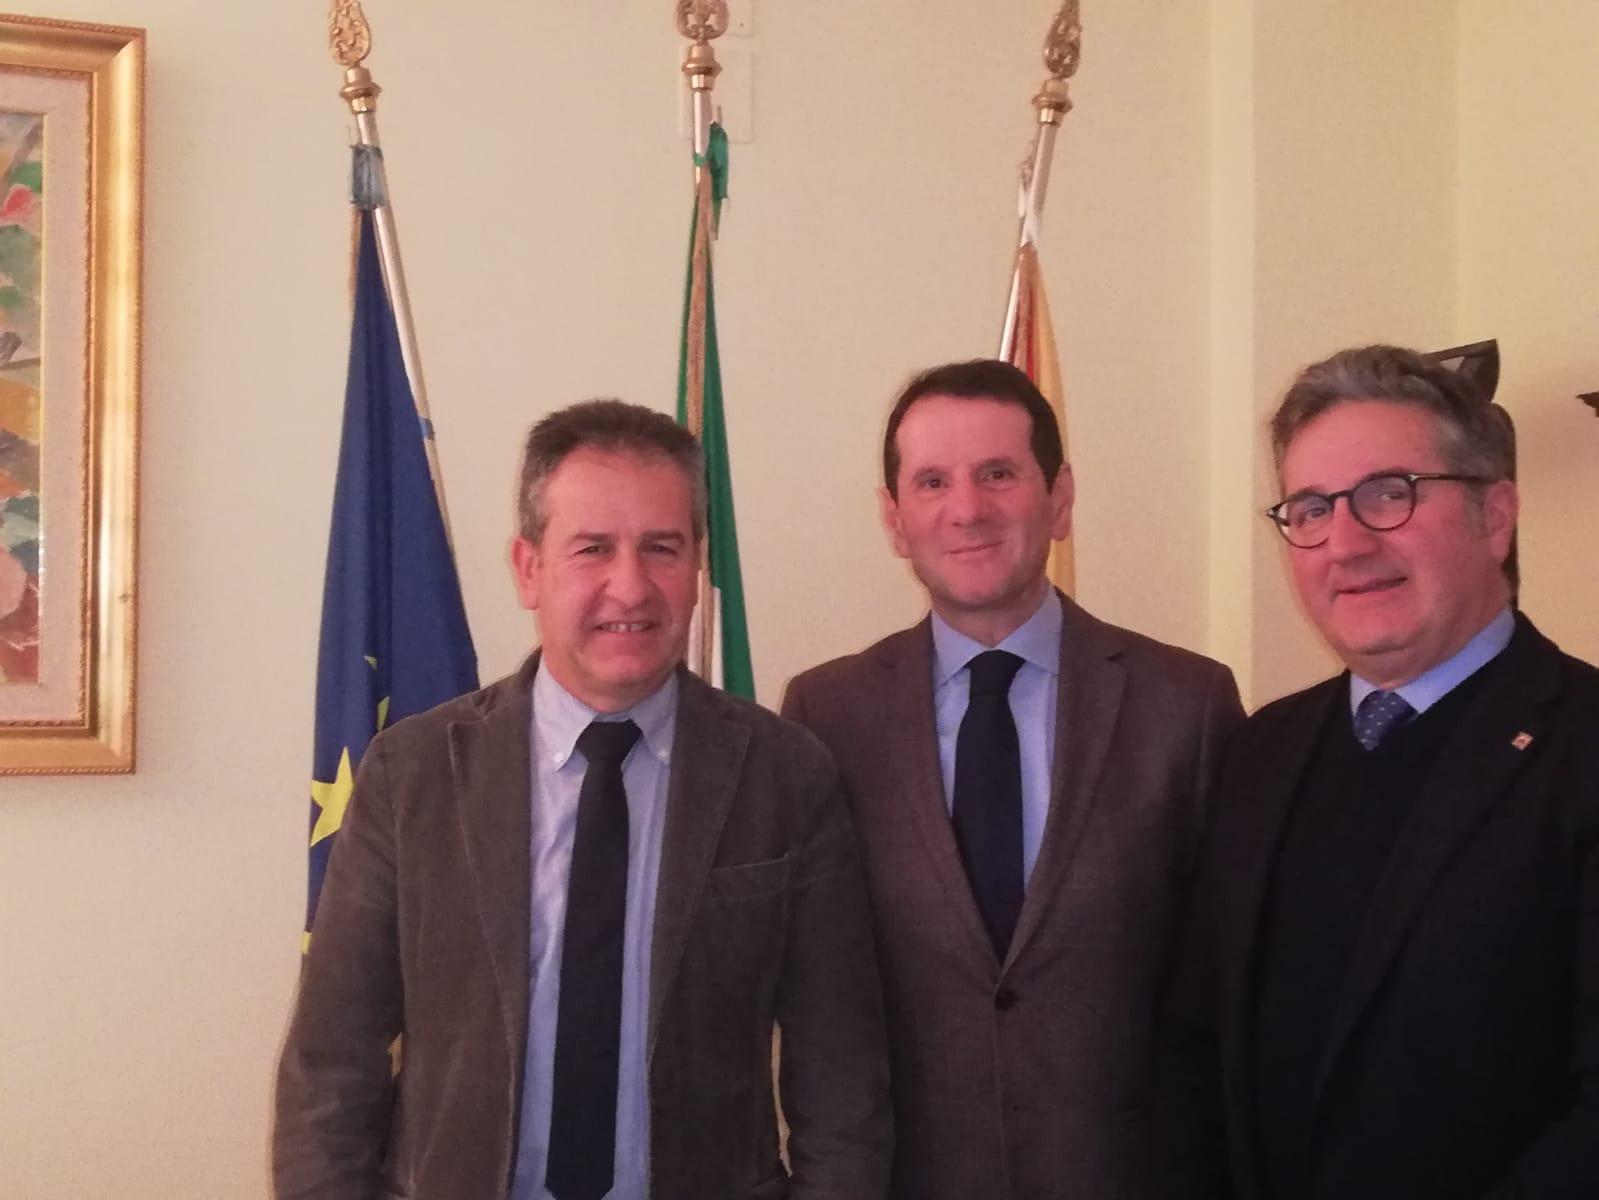 Assessore Pappalardo incontra gli amministratori del Borgo più bello d'Italia